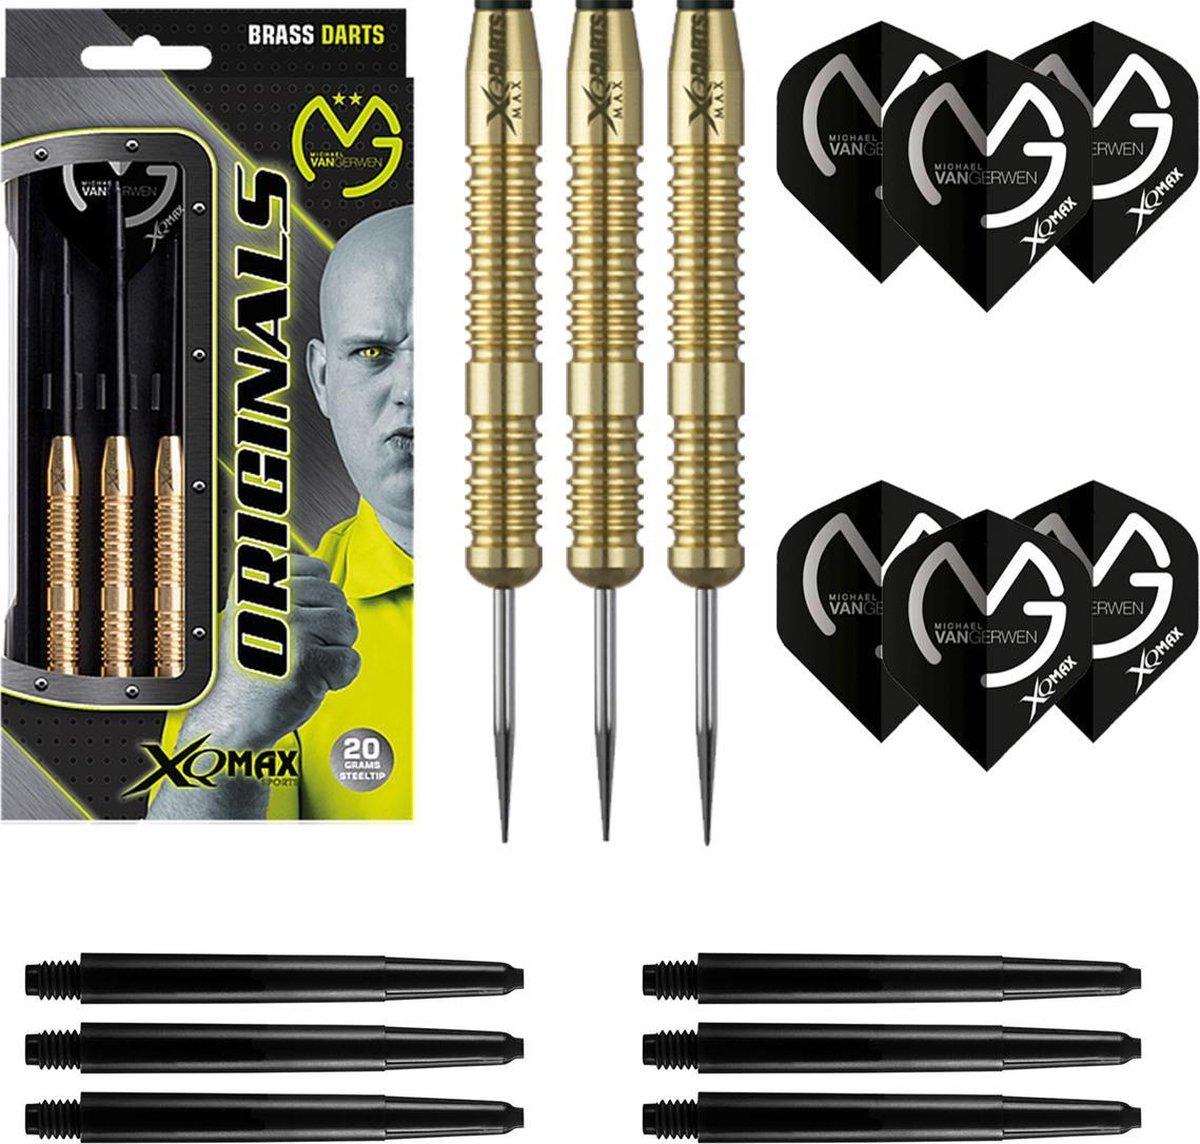 XQMax - Michael van Gerwen - 100% Brass - 20 gram - dartpijlen - inclusief extra - darts shafts - en - darts flights